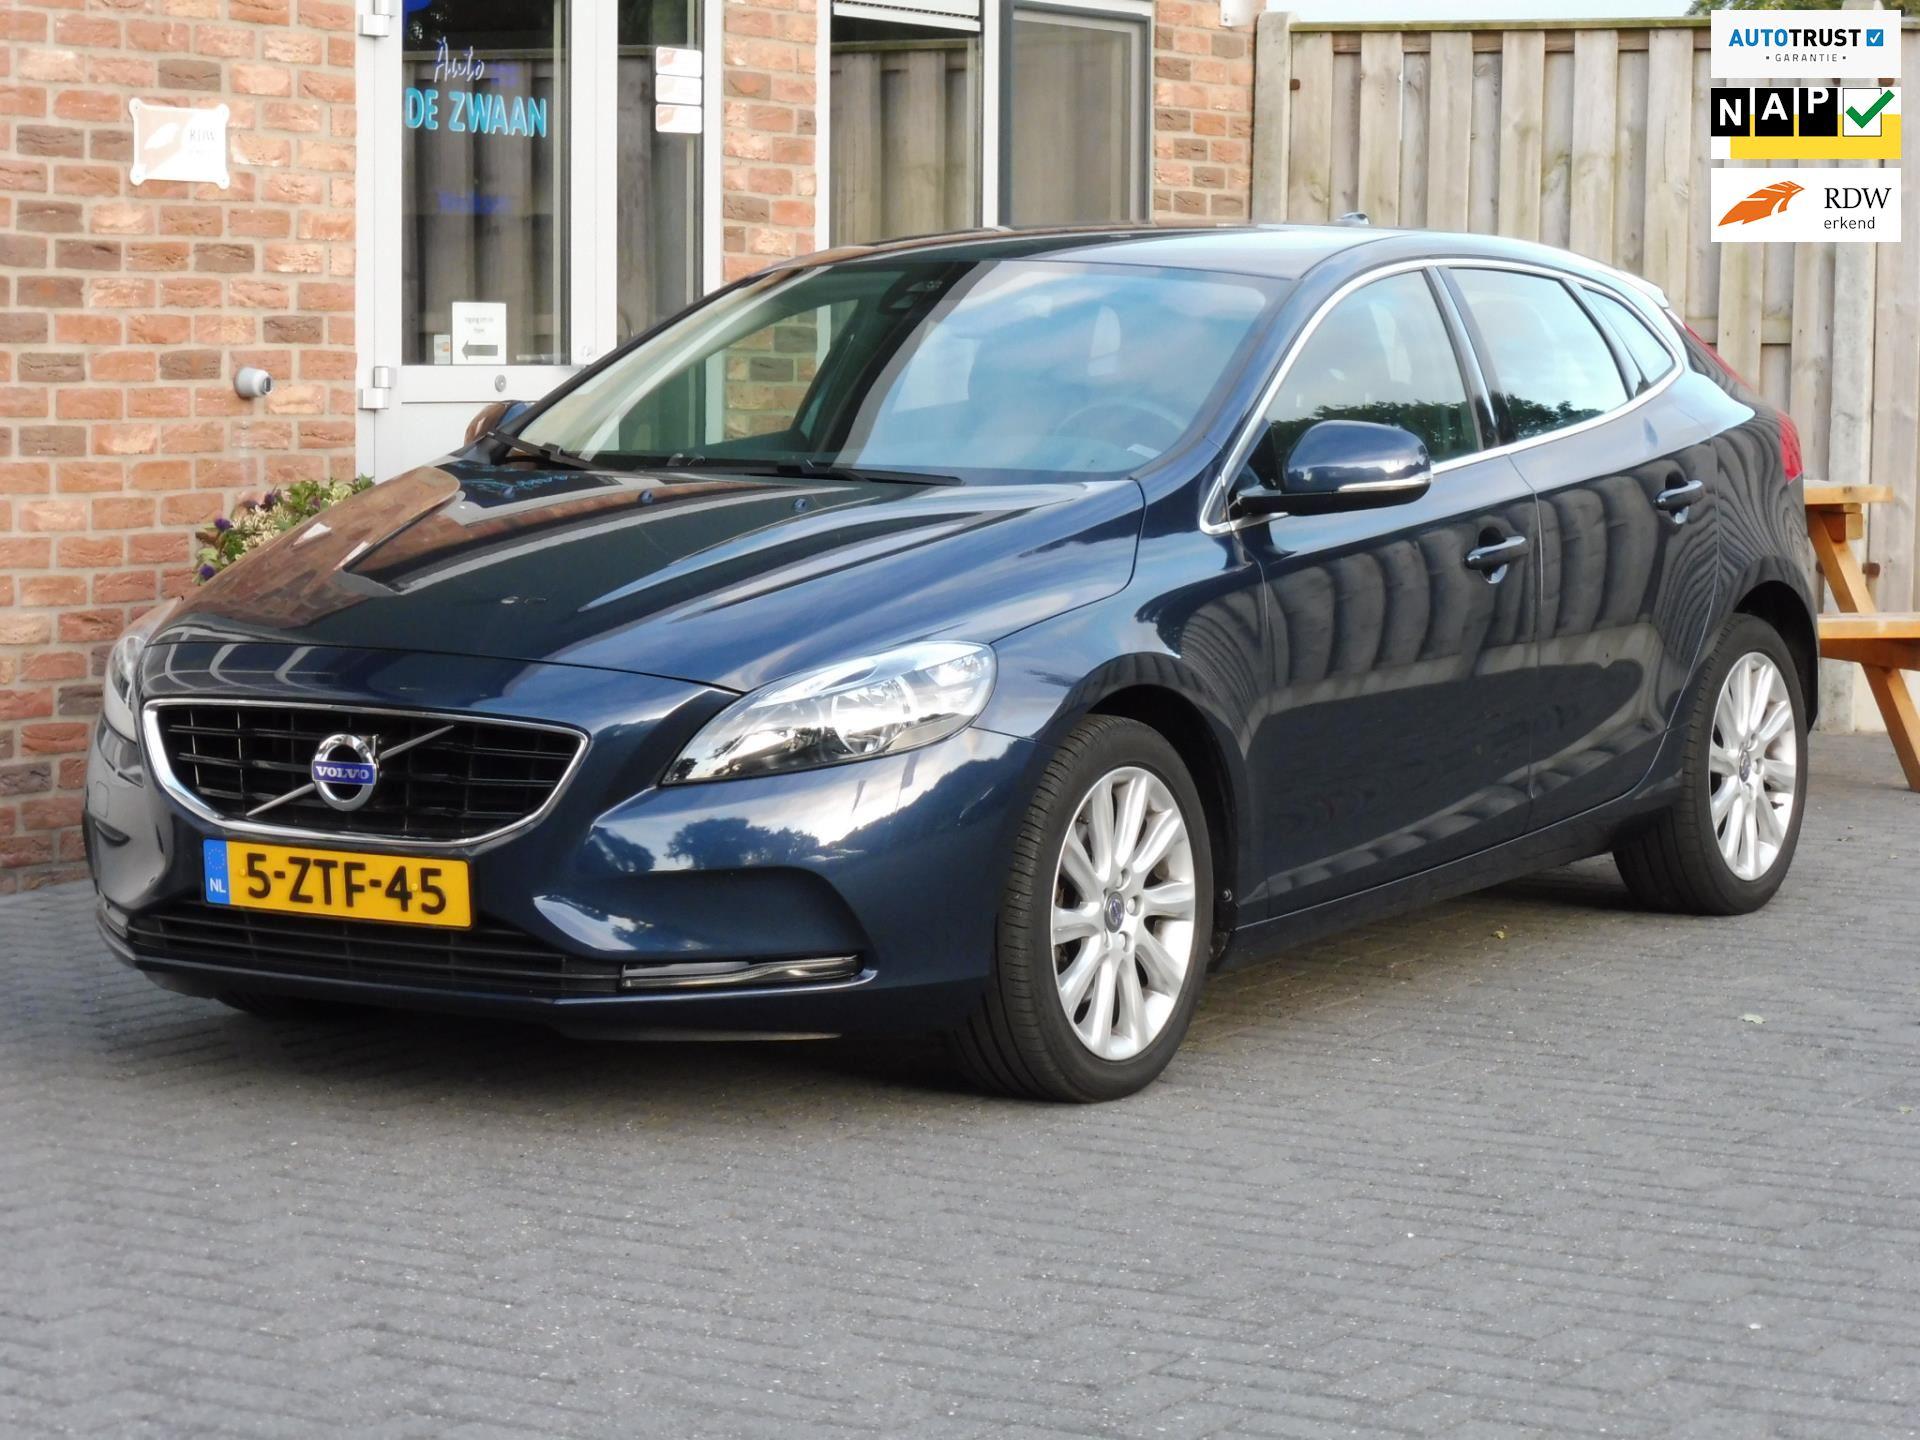 Volvo V40 occasion - Auto de Zwaan